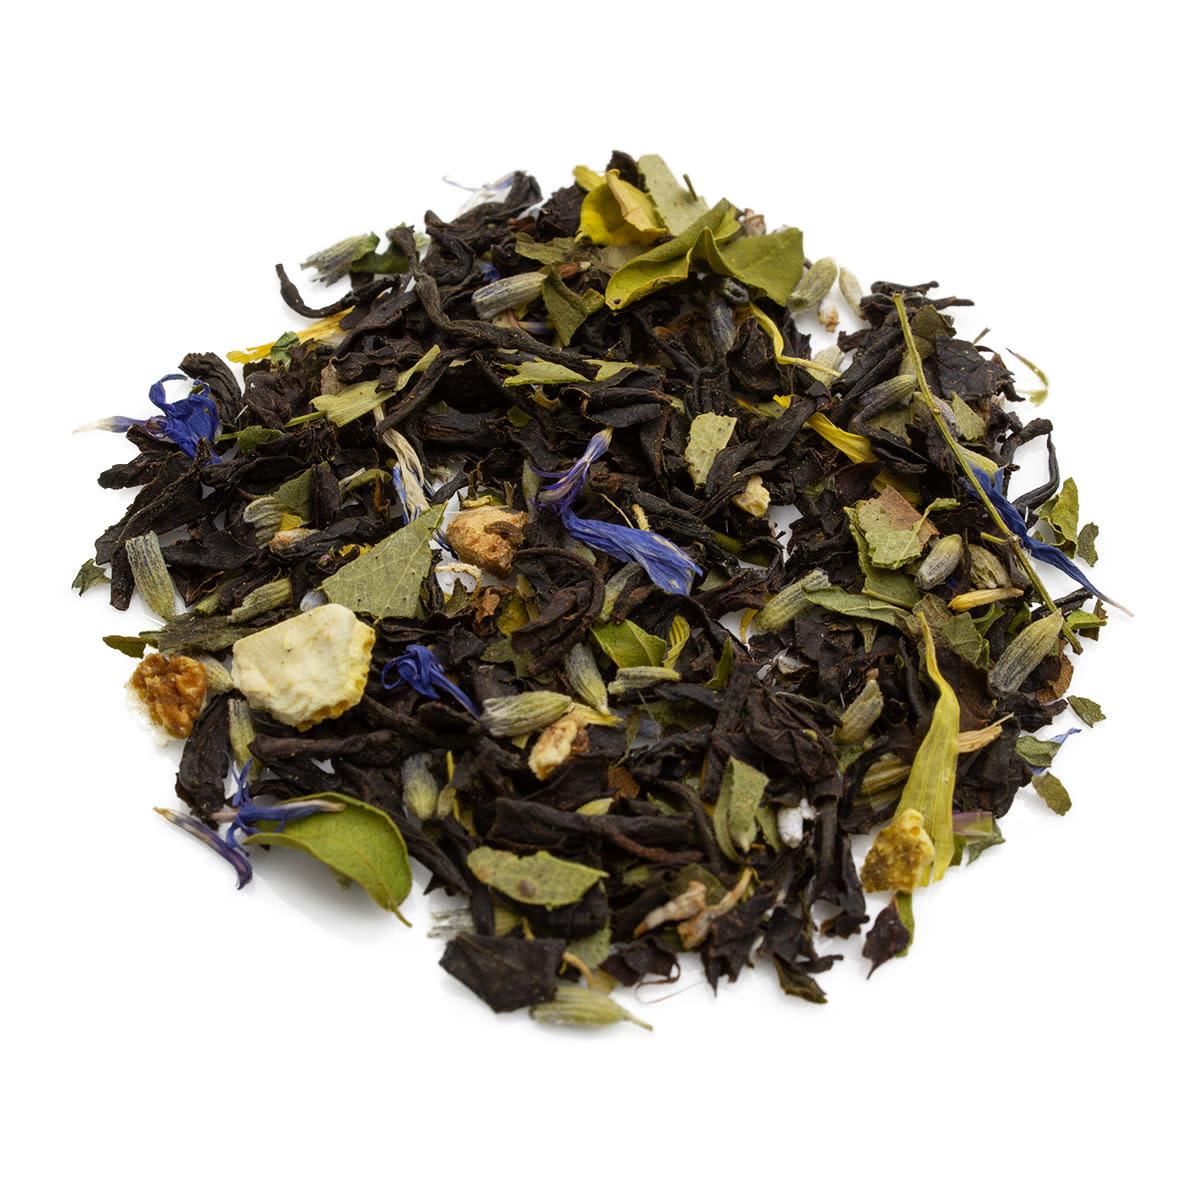 Teas Lavender Complements